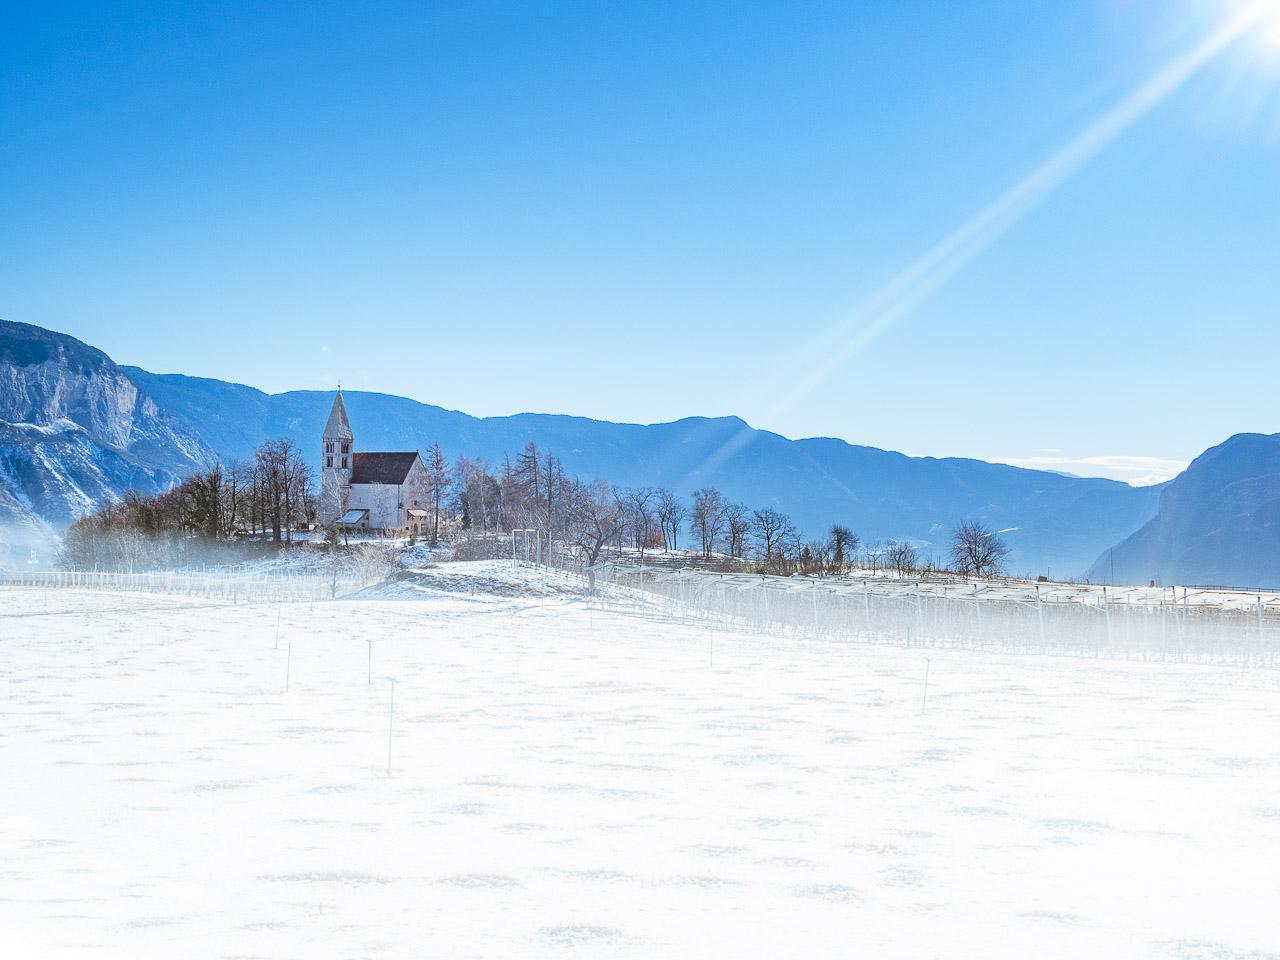 Sonnenstrahl auf die Kirche zum Heiligen Georg in Graun - Winter in Kurtatsch/Südtirol